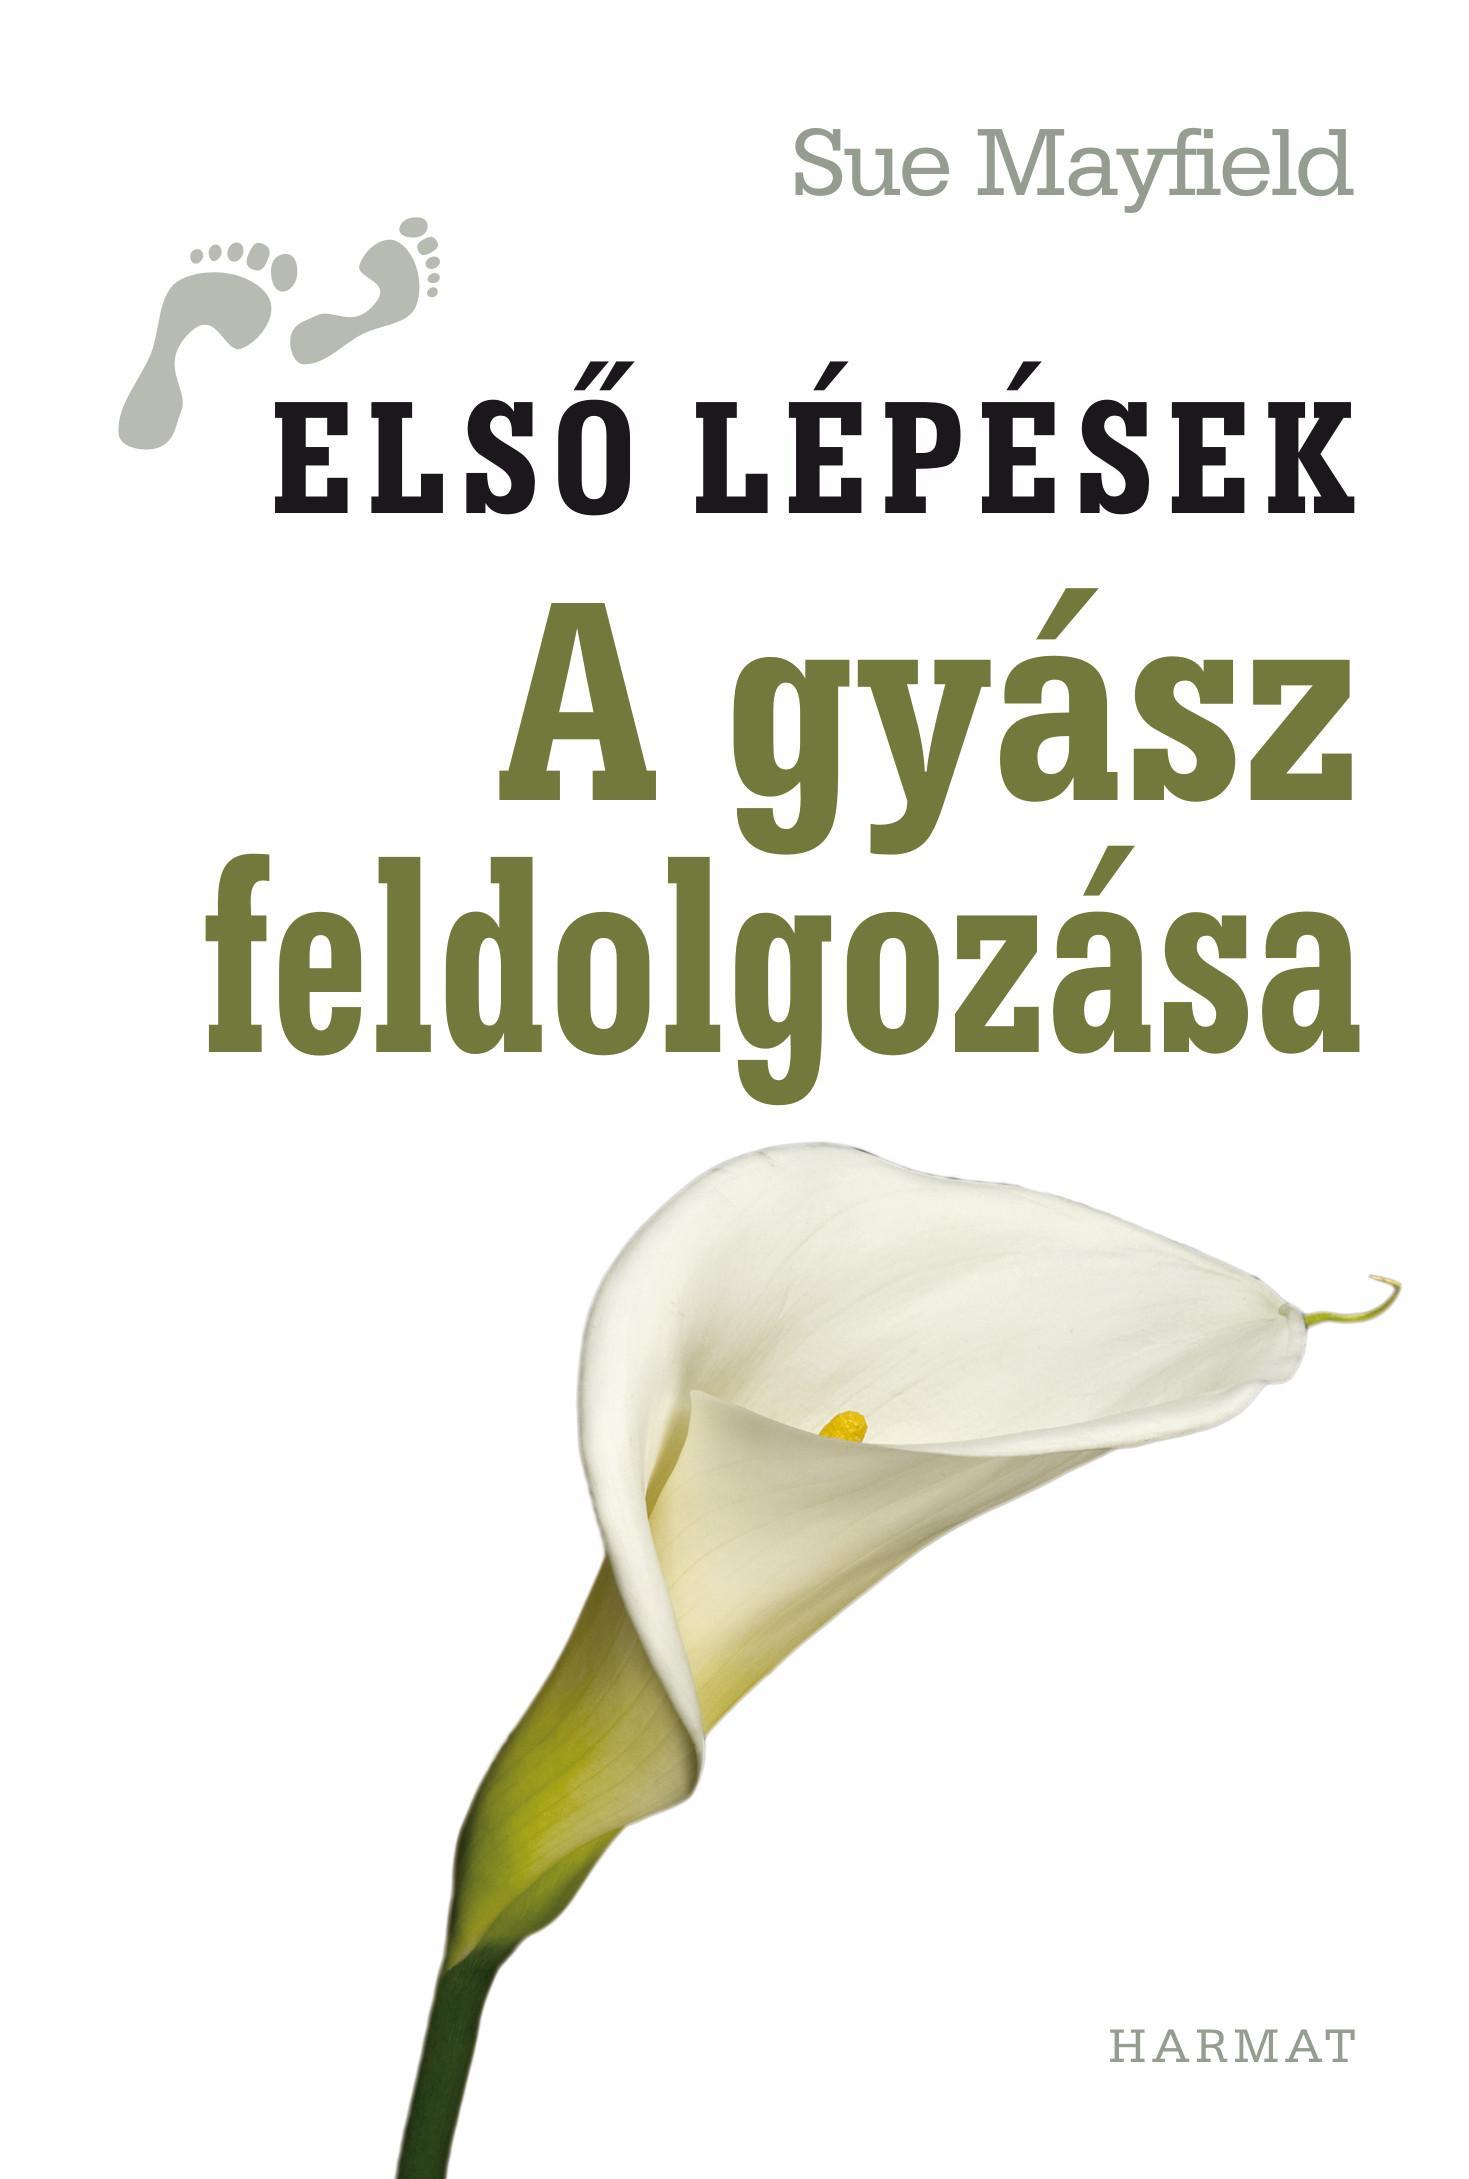 A GYÁSZ FELDOLGOZÁSA - ELSŐ LÉPÉSEK